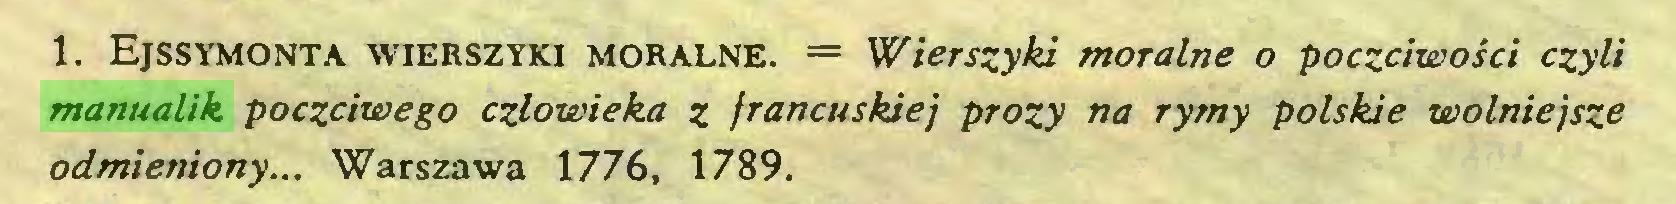 (...) 1. Ejssymonta wierszyki moralne. = Wierszyki morałne o poczciwości czyłi manualik poczciwego człowieka z francuskiej prozy na rymy połskie wolniejsze odmieniony... Warszawa 1776, 1789...